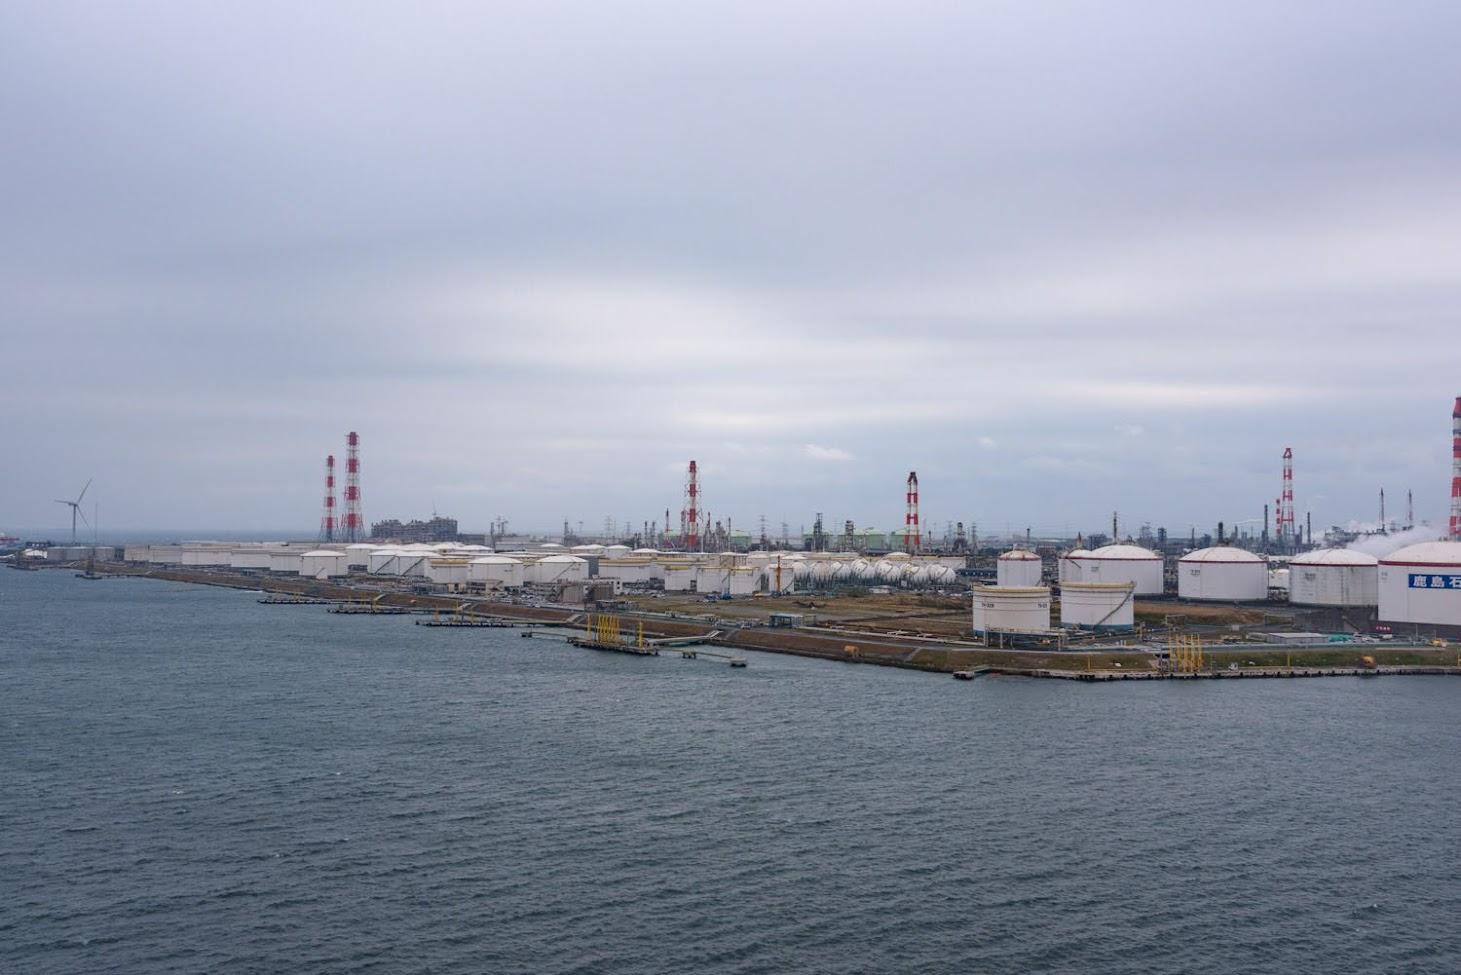 【旅7日目】神栖市の港公園から鹿島港を望む展望台へ!夜にはトラブルが…